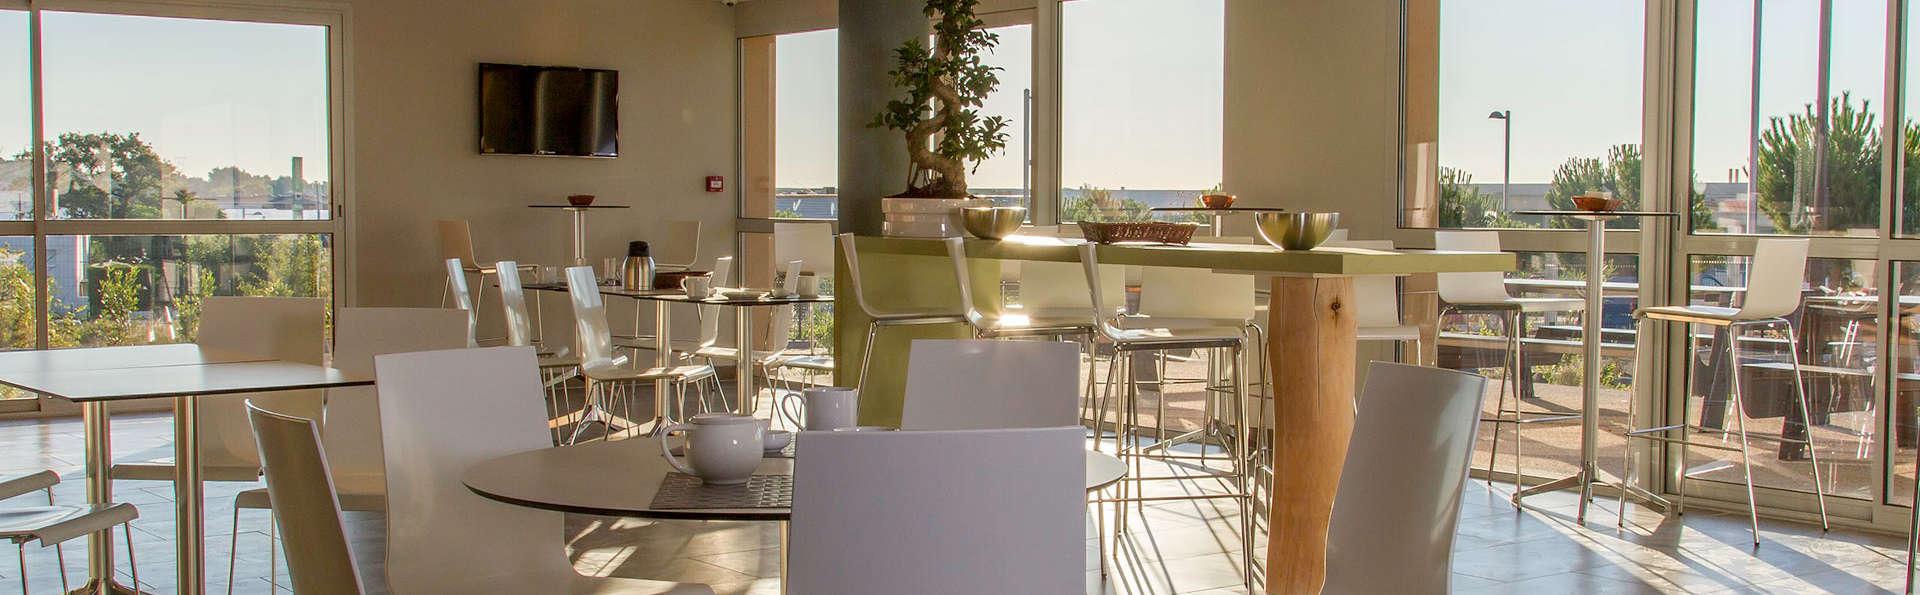 Escale gourmande avec dîner et champagne aux porte de Montpellier